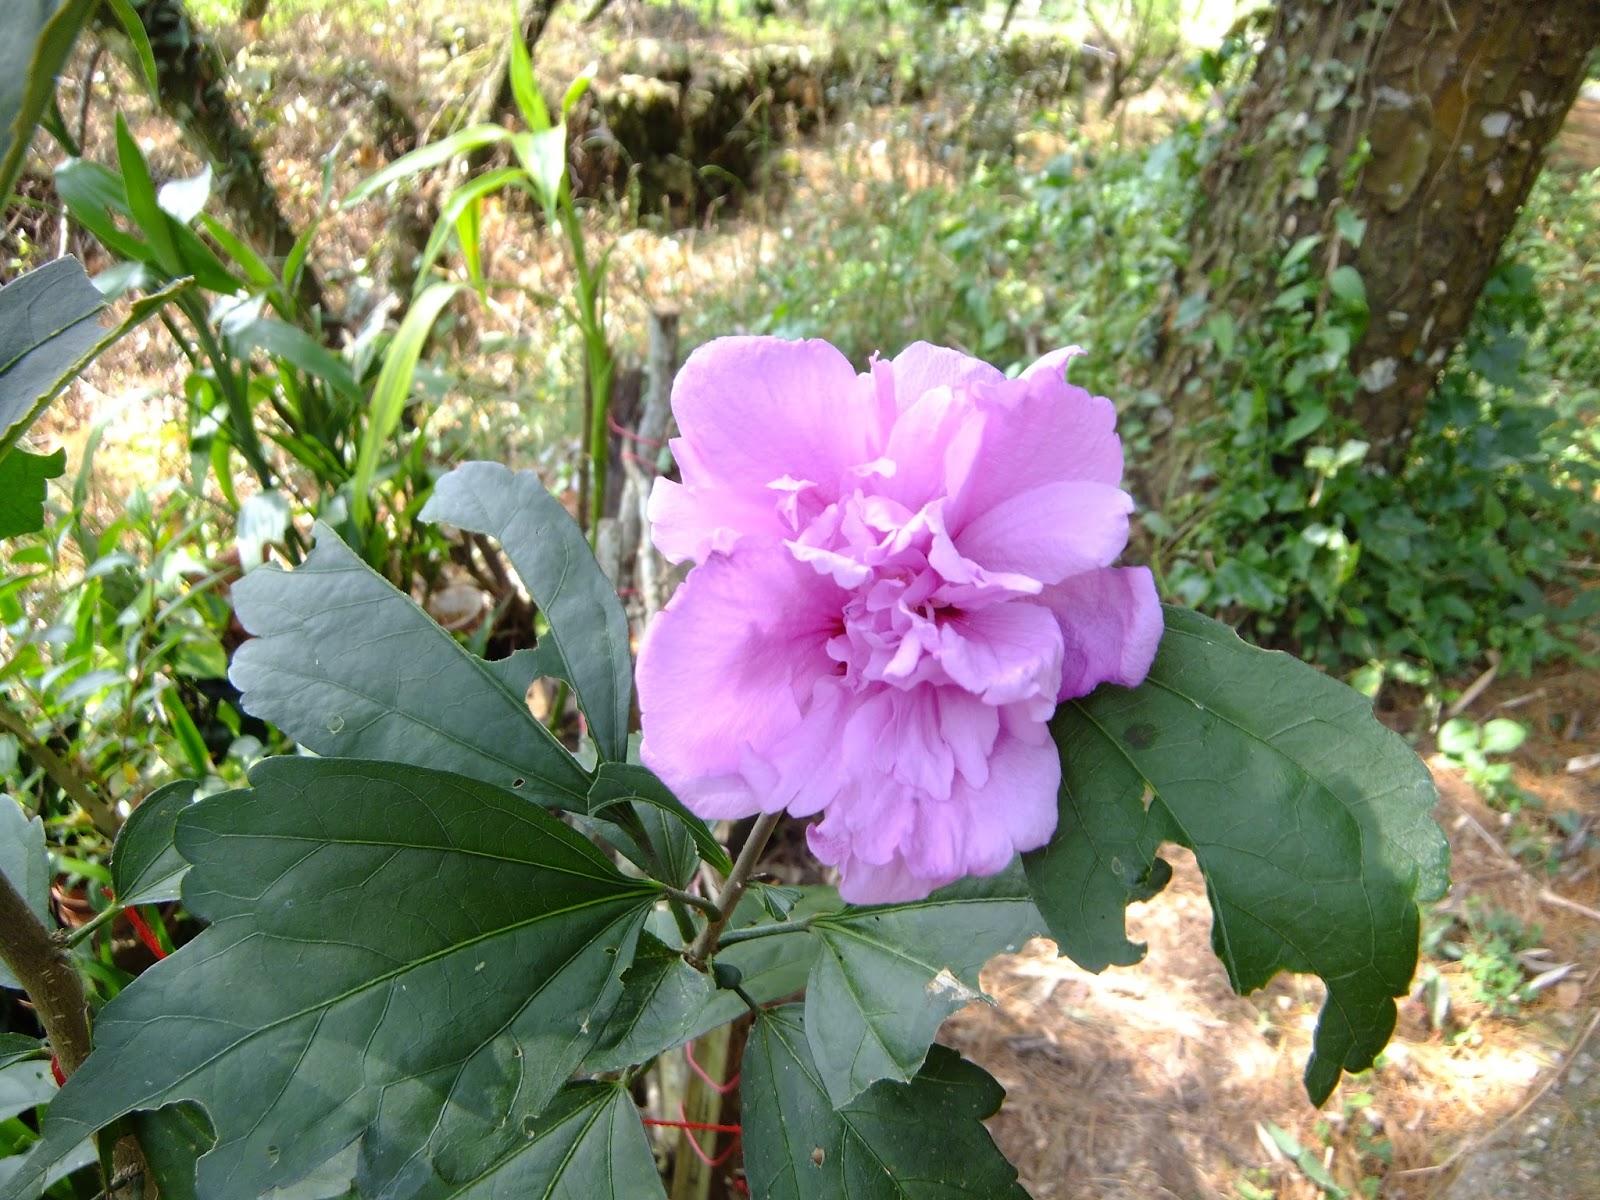 春暖花開: 木槿